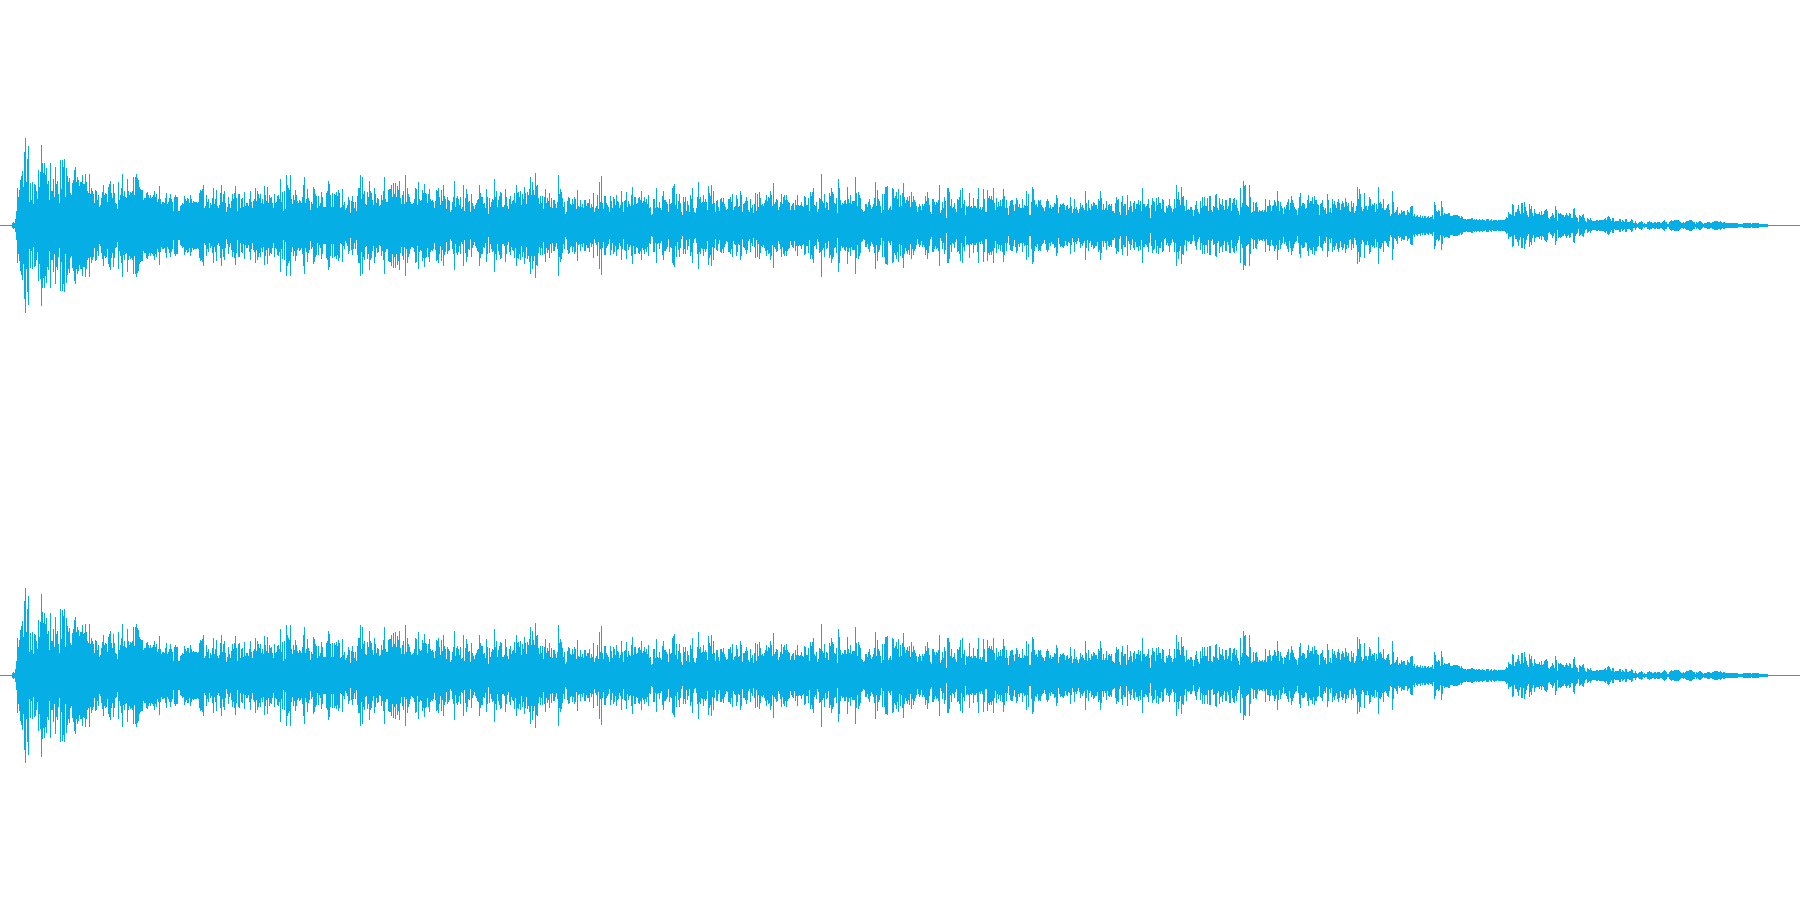 あ゛あ゛あ゛あ゛(シャウトです。)の再生済みの波形